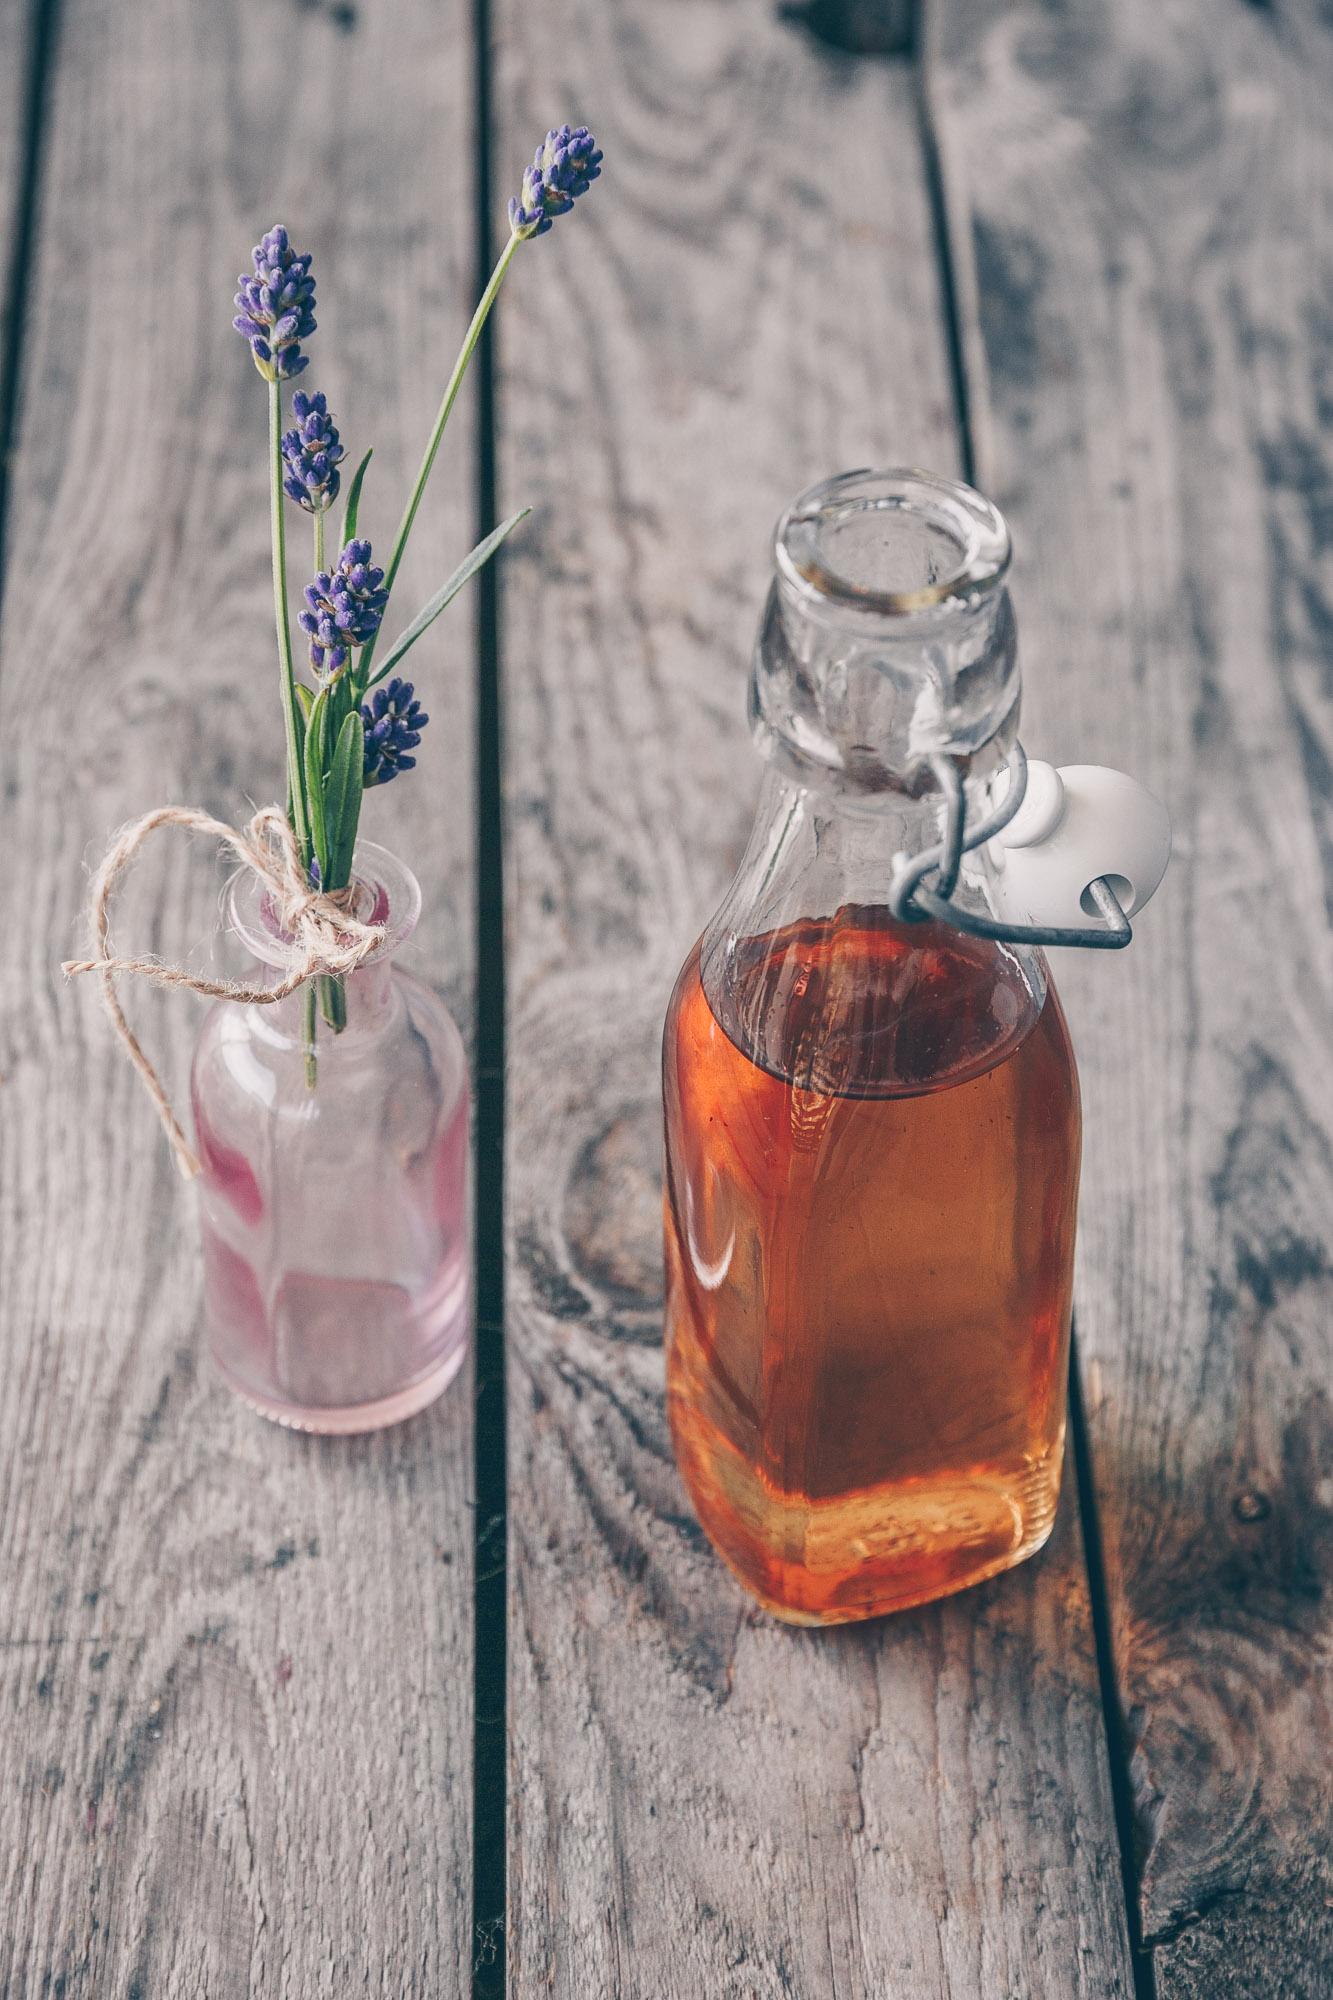 Lavender Syrup - Cocktails Adagio - The Adagio Blog